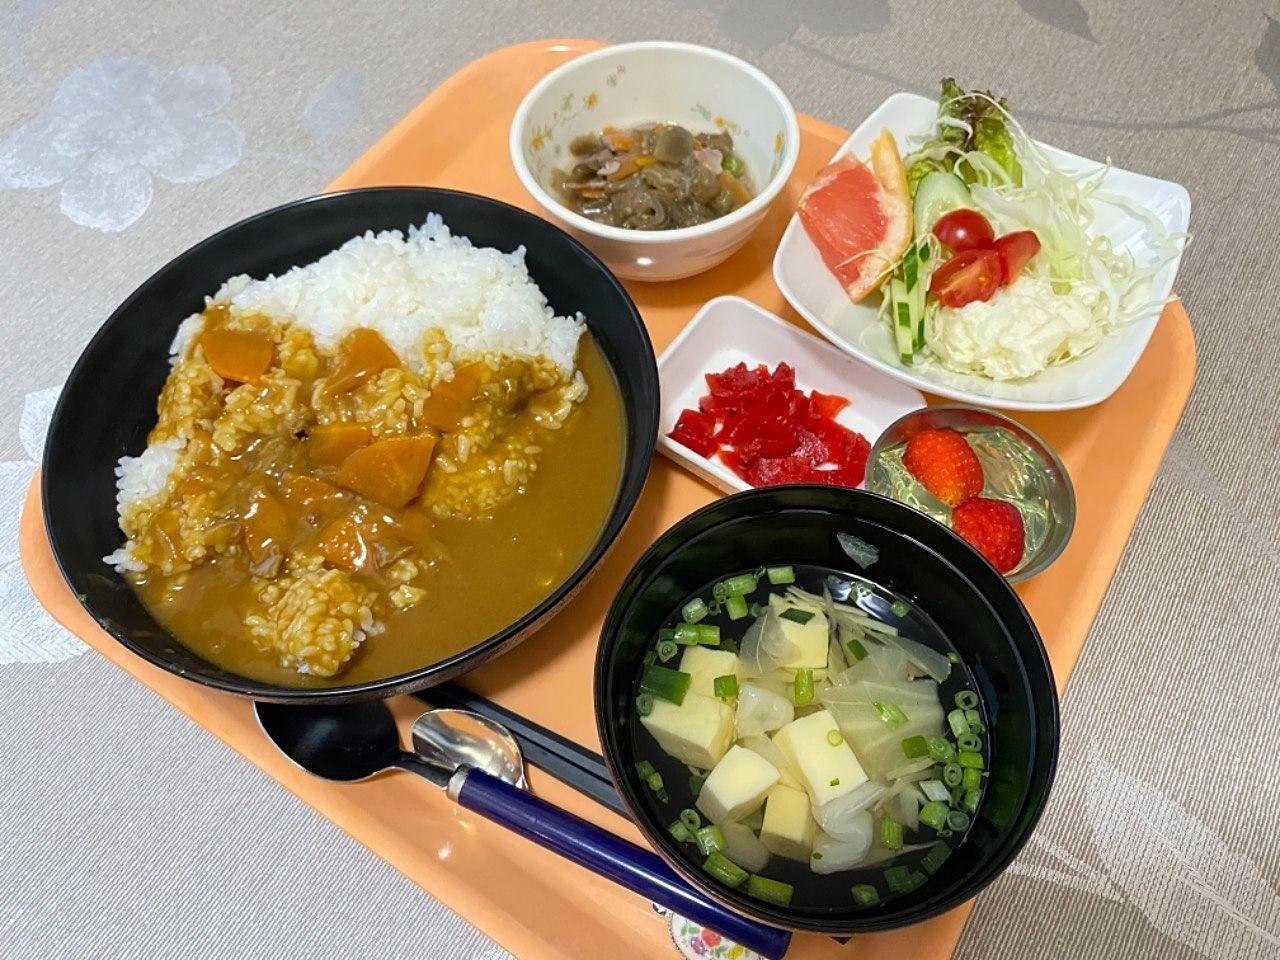 鹿児島市南林寺町にあるグループホーム桜は夕食に人気のカレーも提供しております。